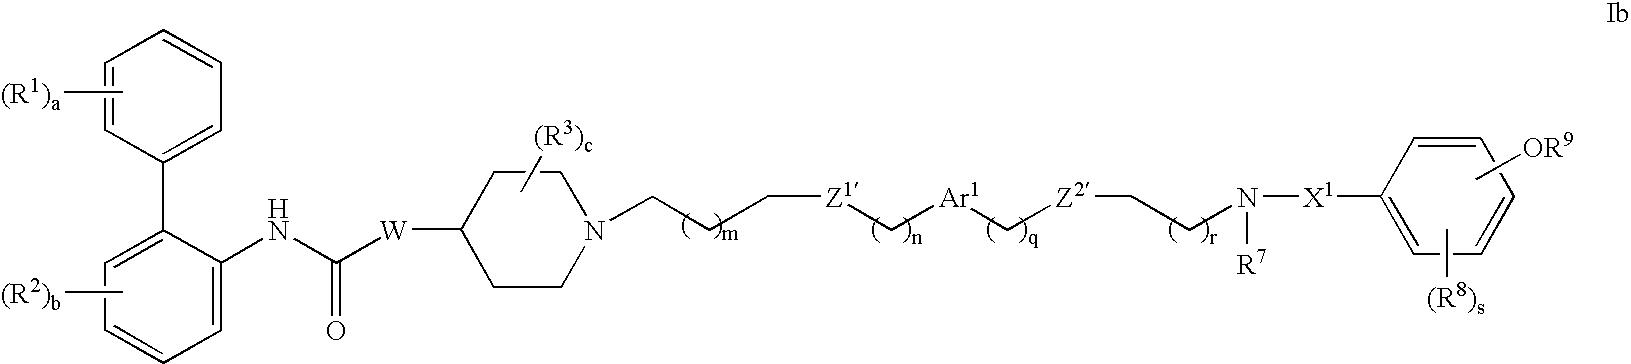 Figure US07687519-20100330-C00006